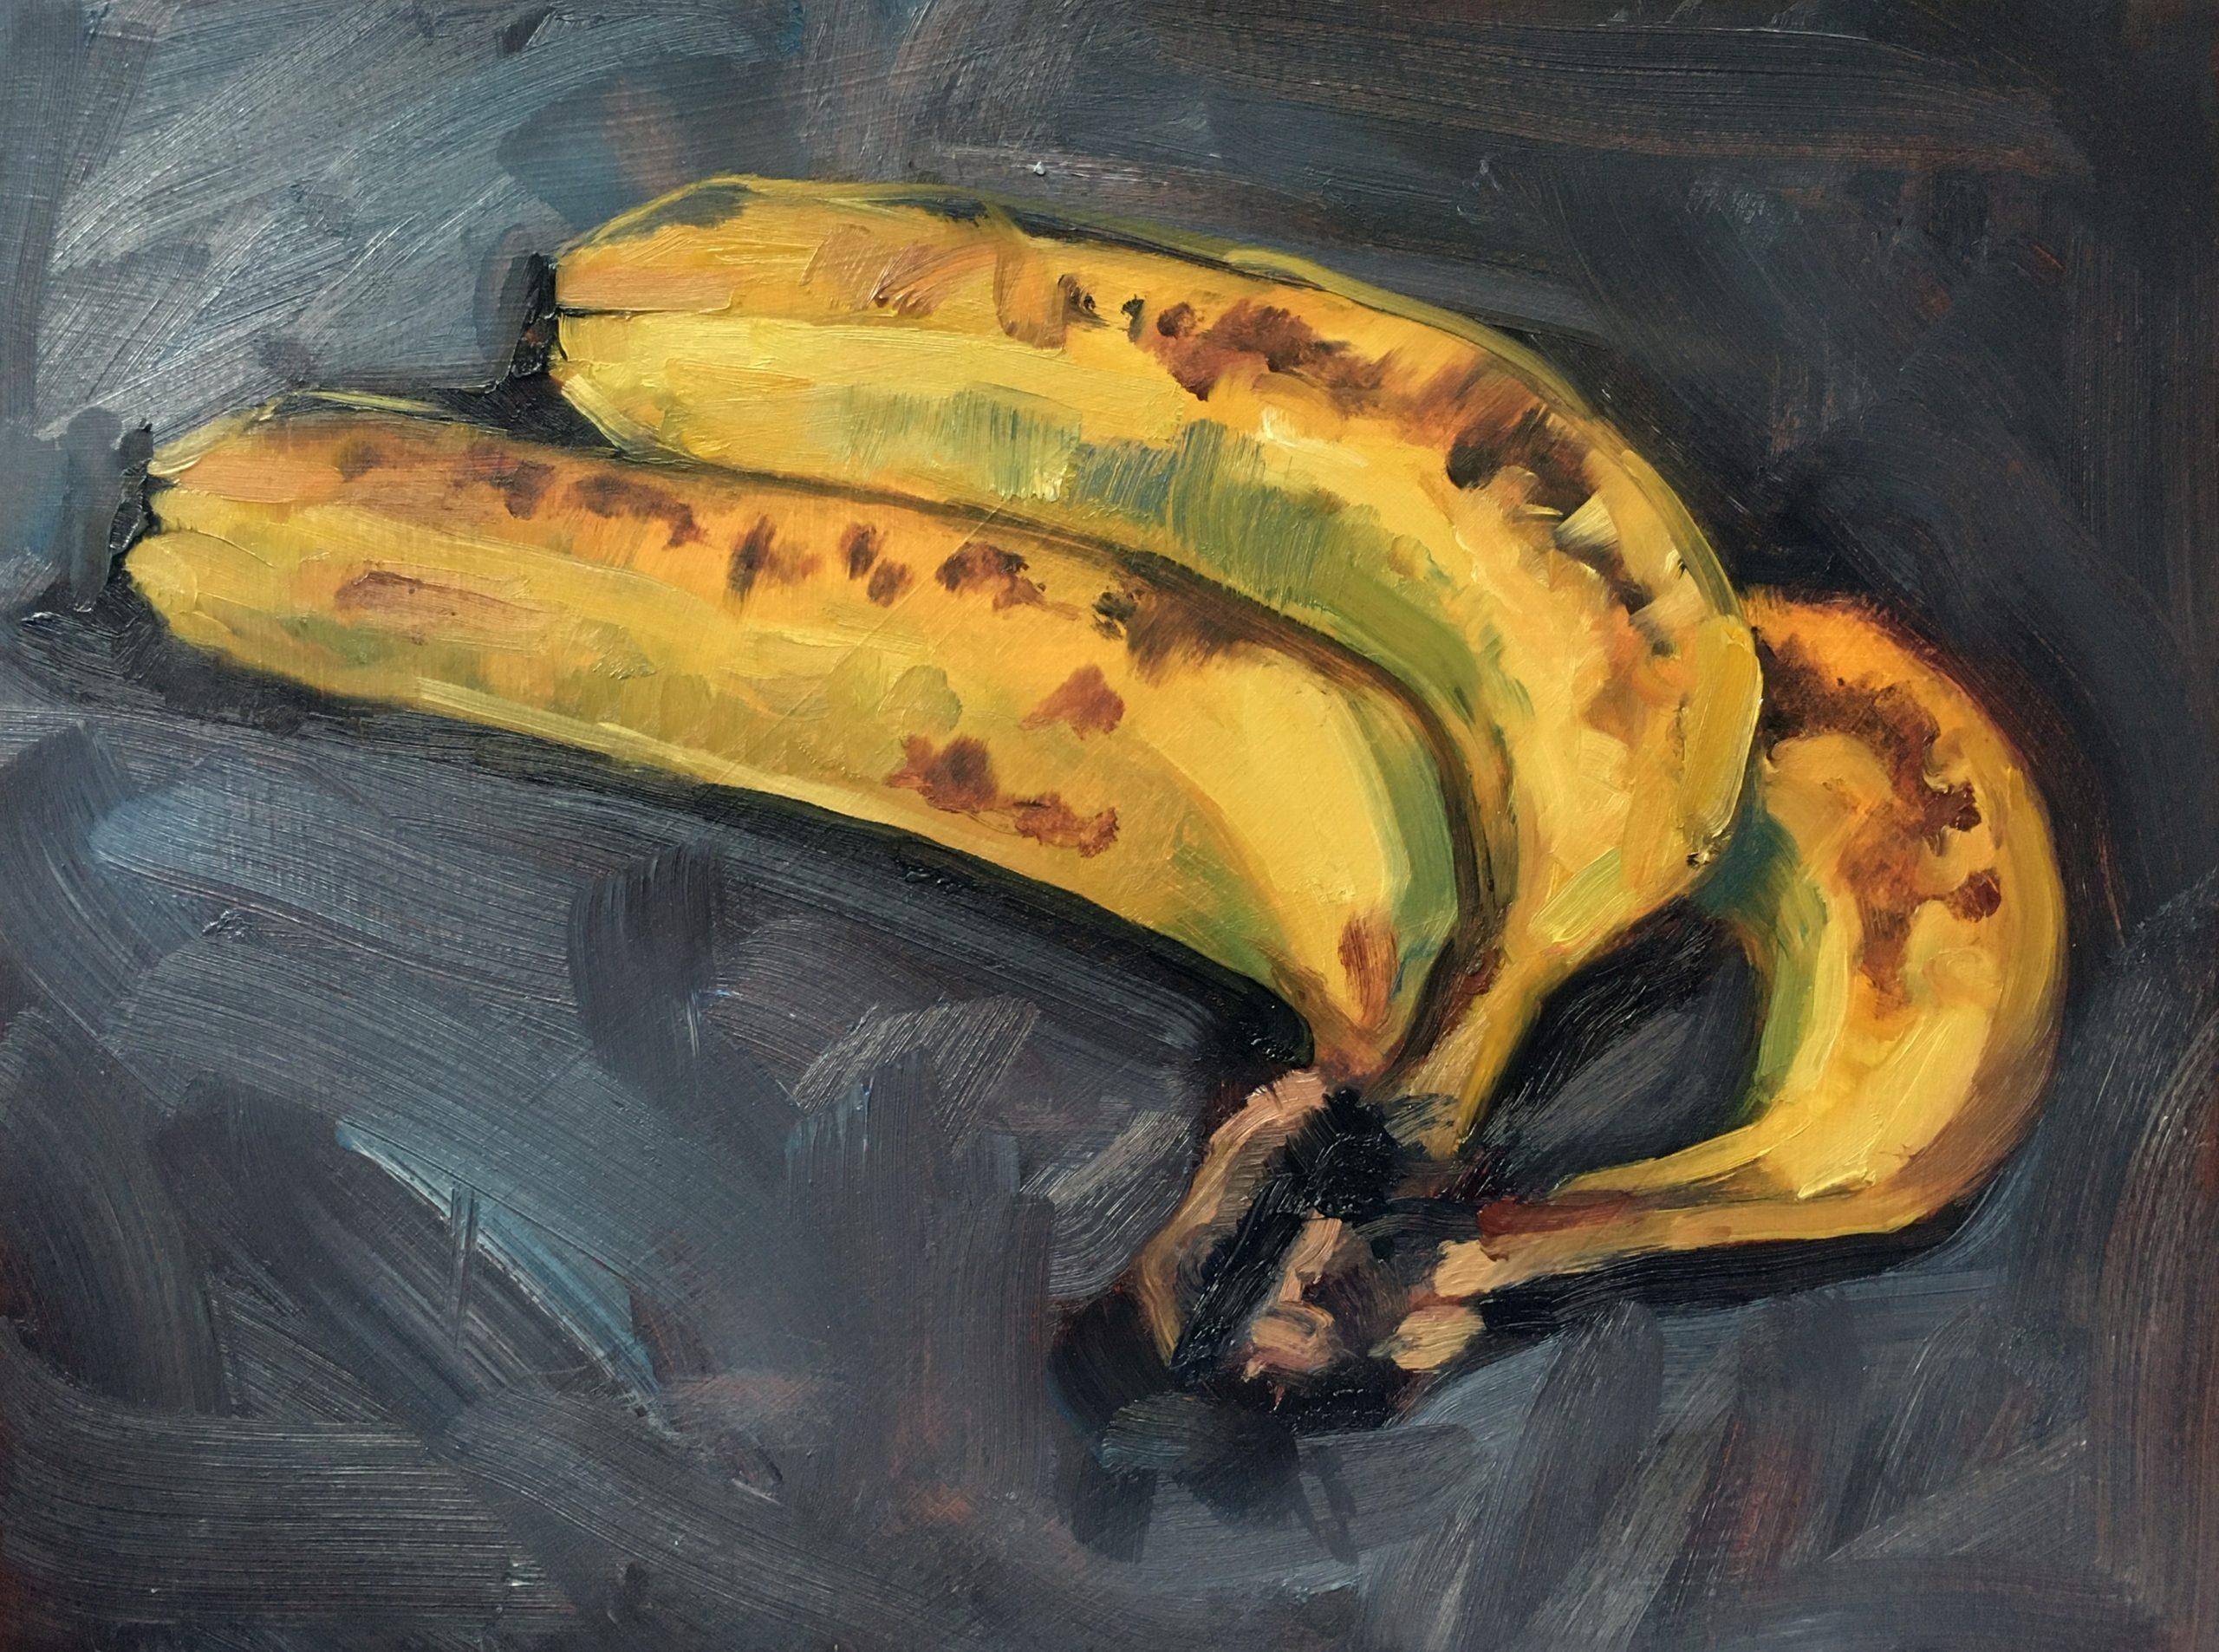 still-life-oil-painting-of-bananas